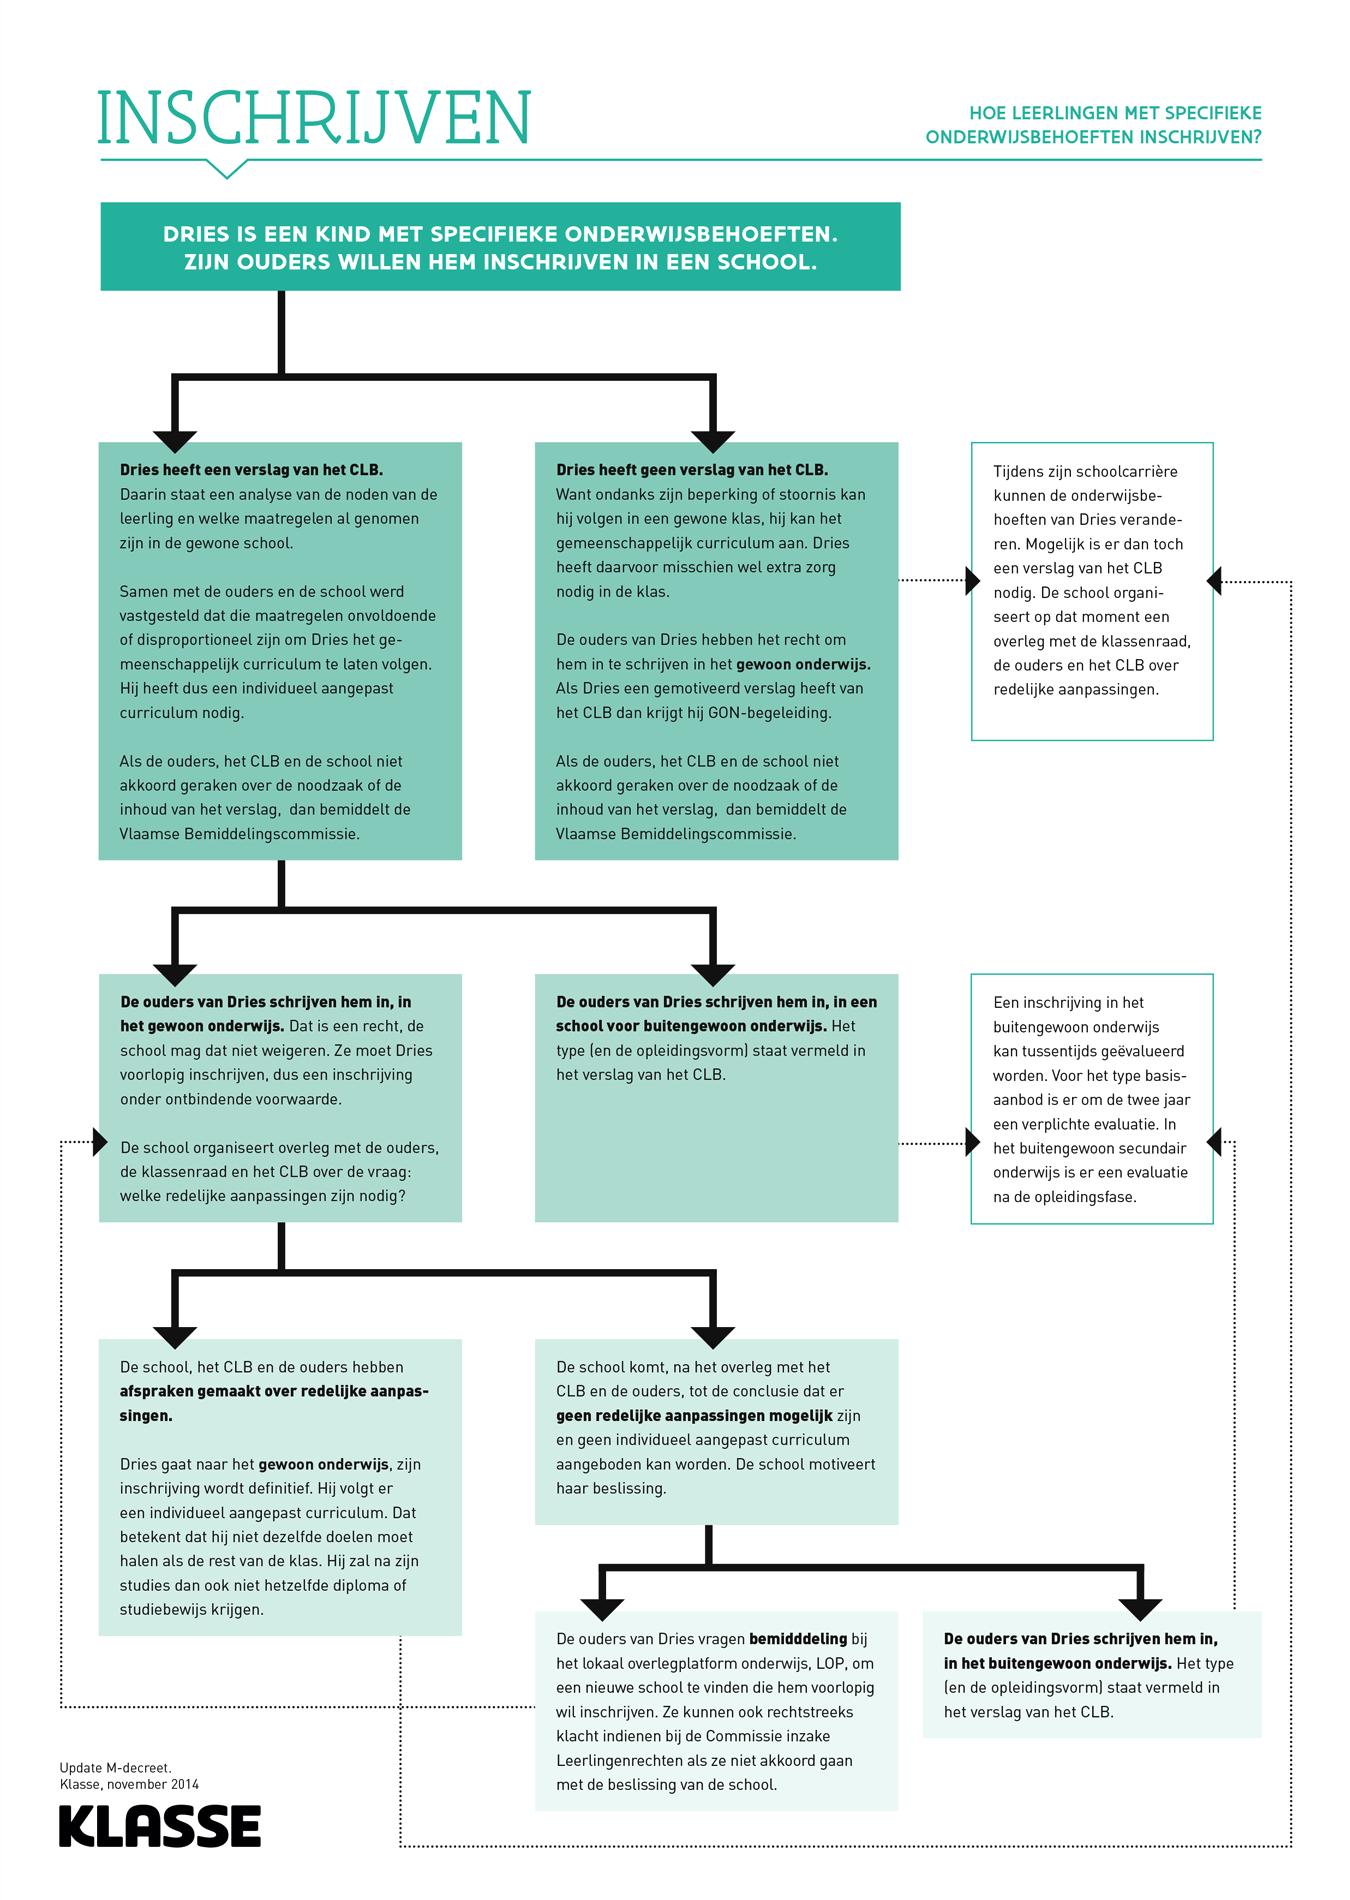 Schema hoe inschrijven met het M-decreet